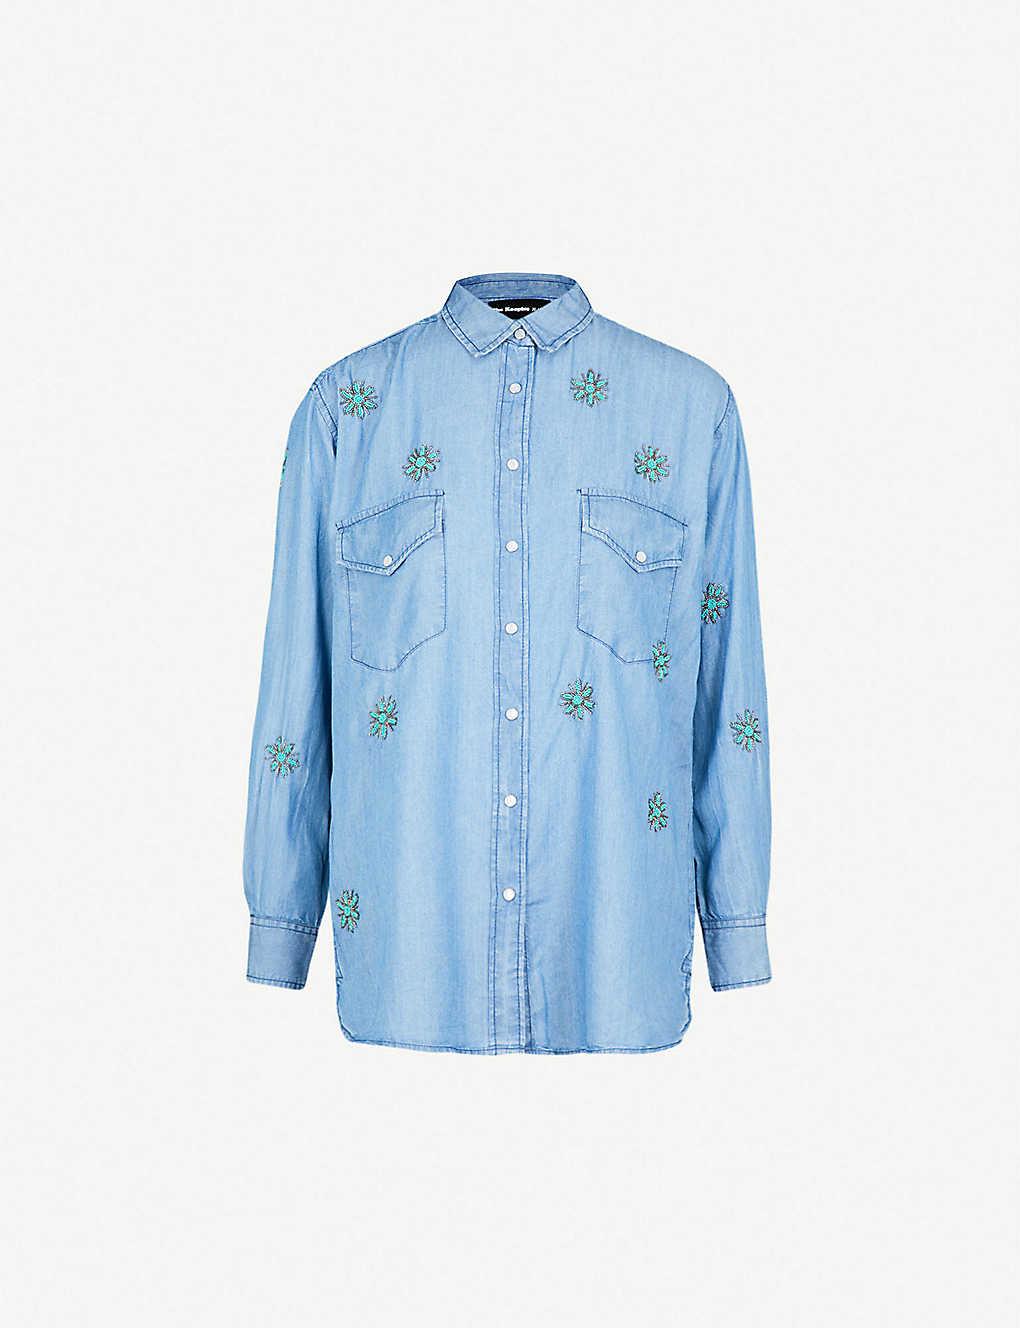 c93bdc72a00 THE KOOPLES - Floral-embroidered denim shirt   Selfridges.com